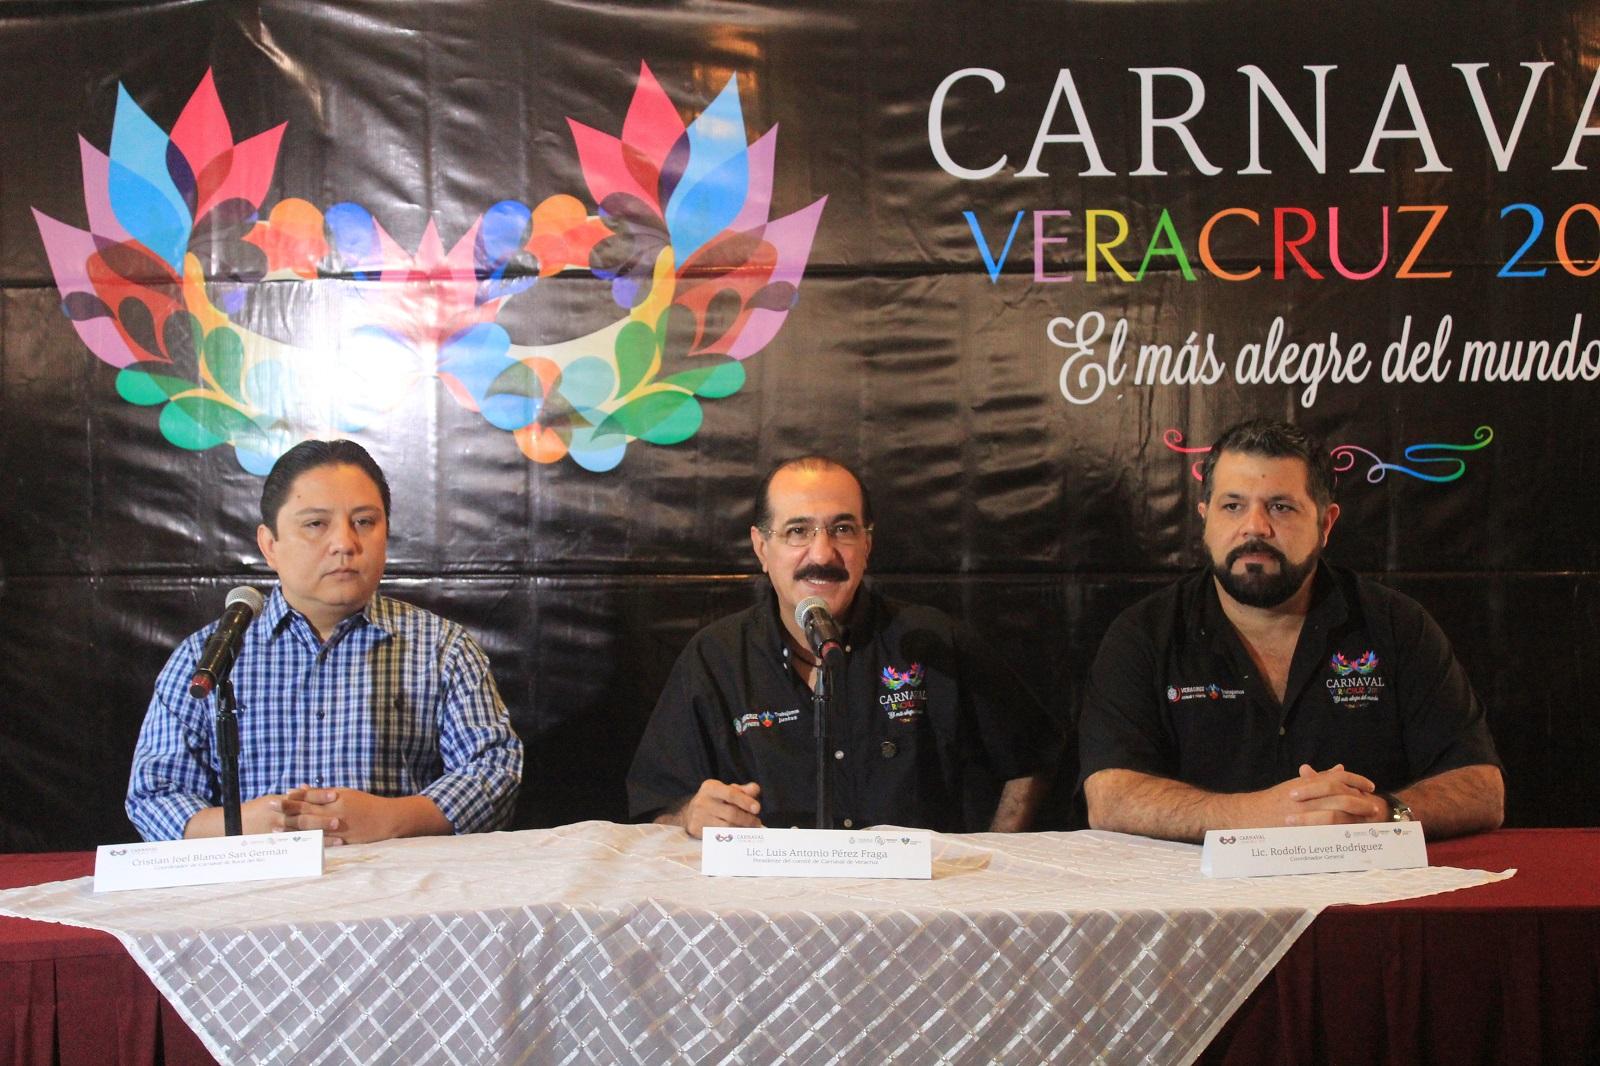 Falta de apoyo del gobierno estatal obliga a cobrar conciertos masivos del Carnaval